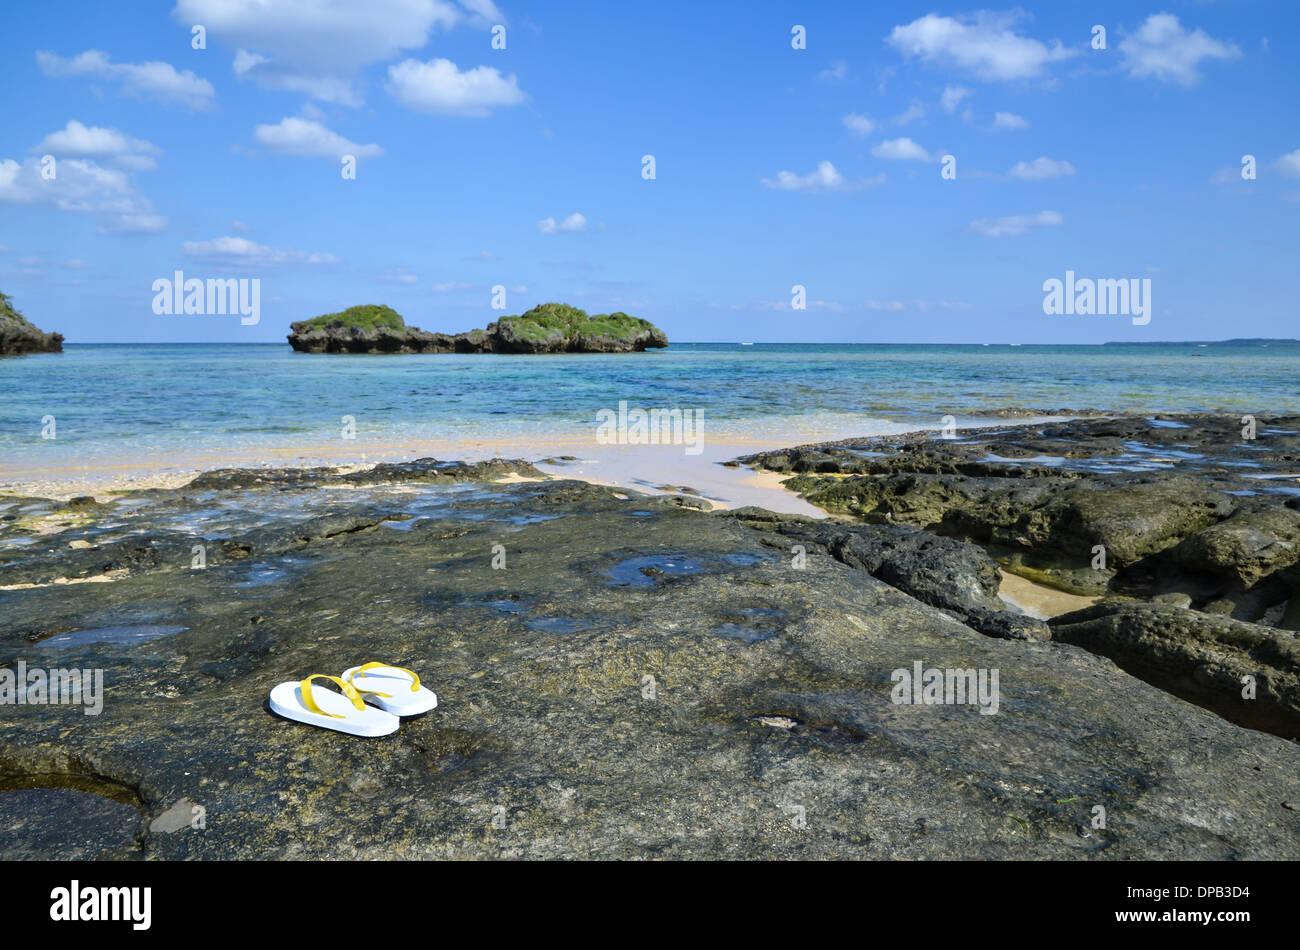 Beach Bath Japan Stock Photos & Beach Bath Japan Stock Images - Alamy